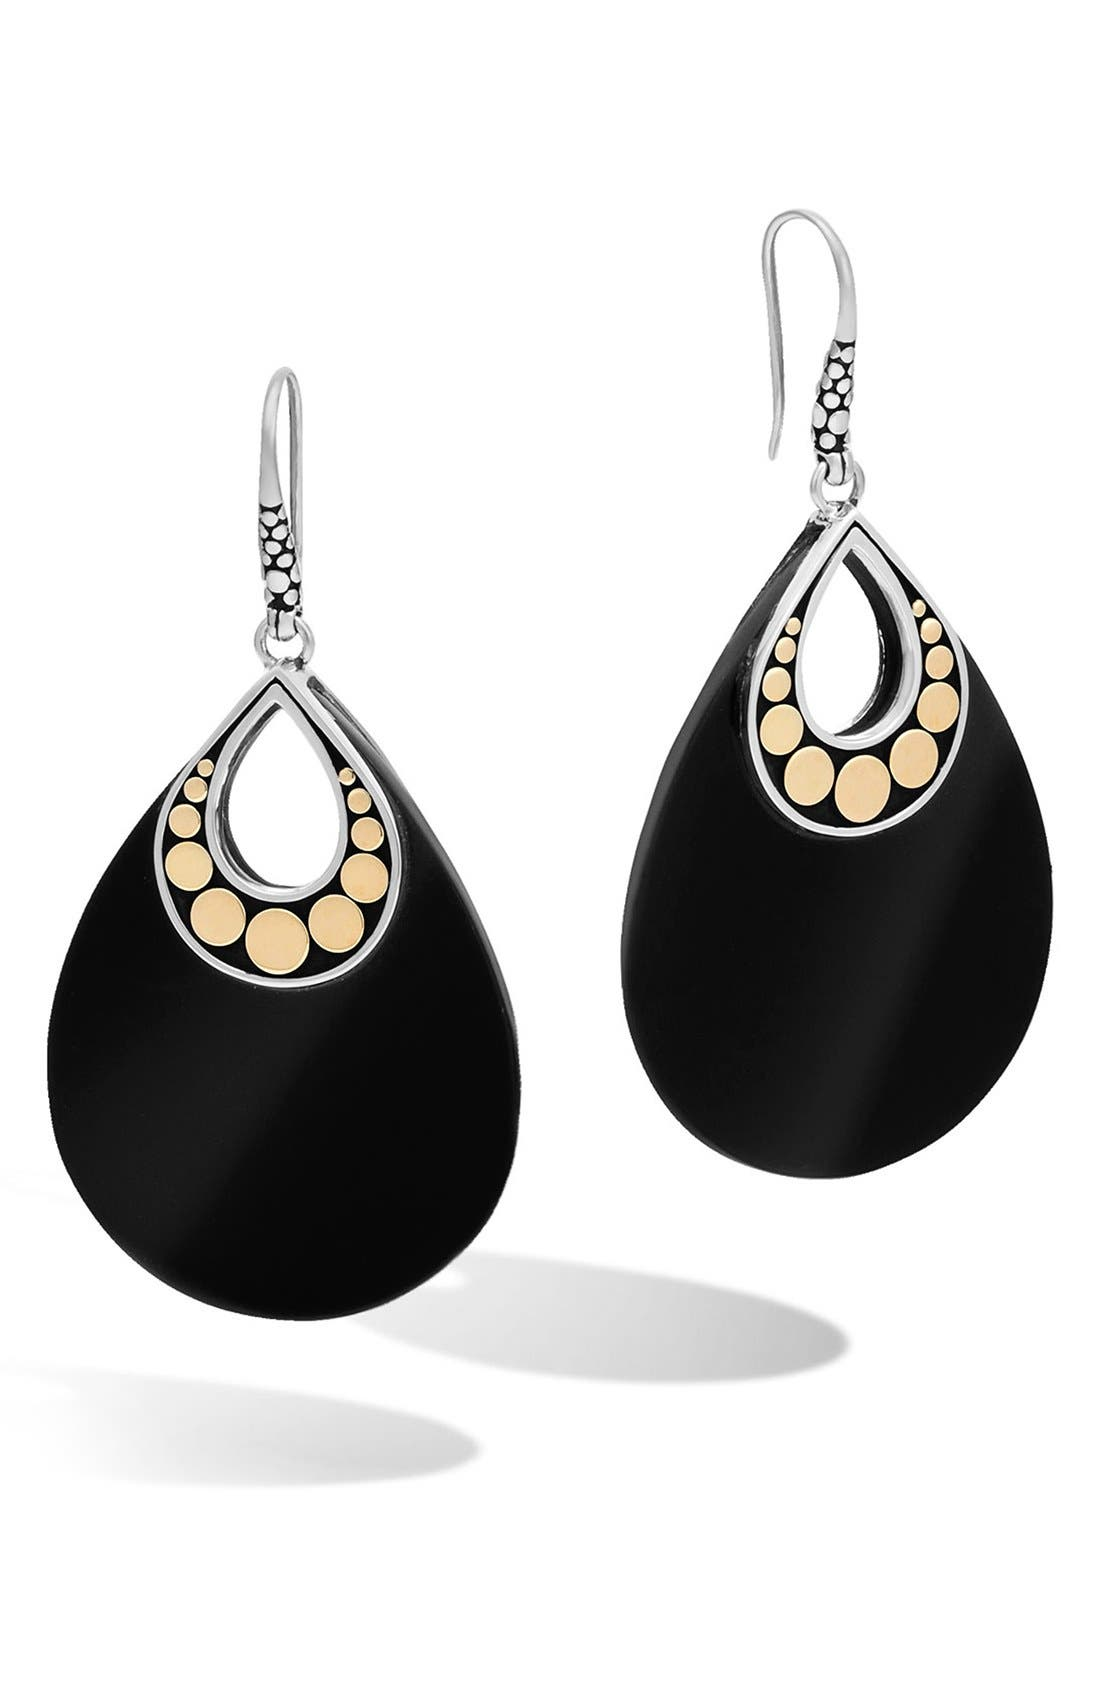 John Hardy 'Dot' Drop Earrings